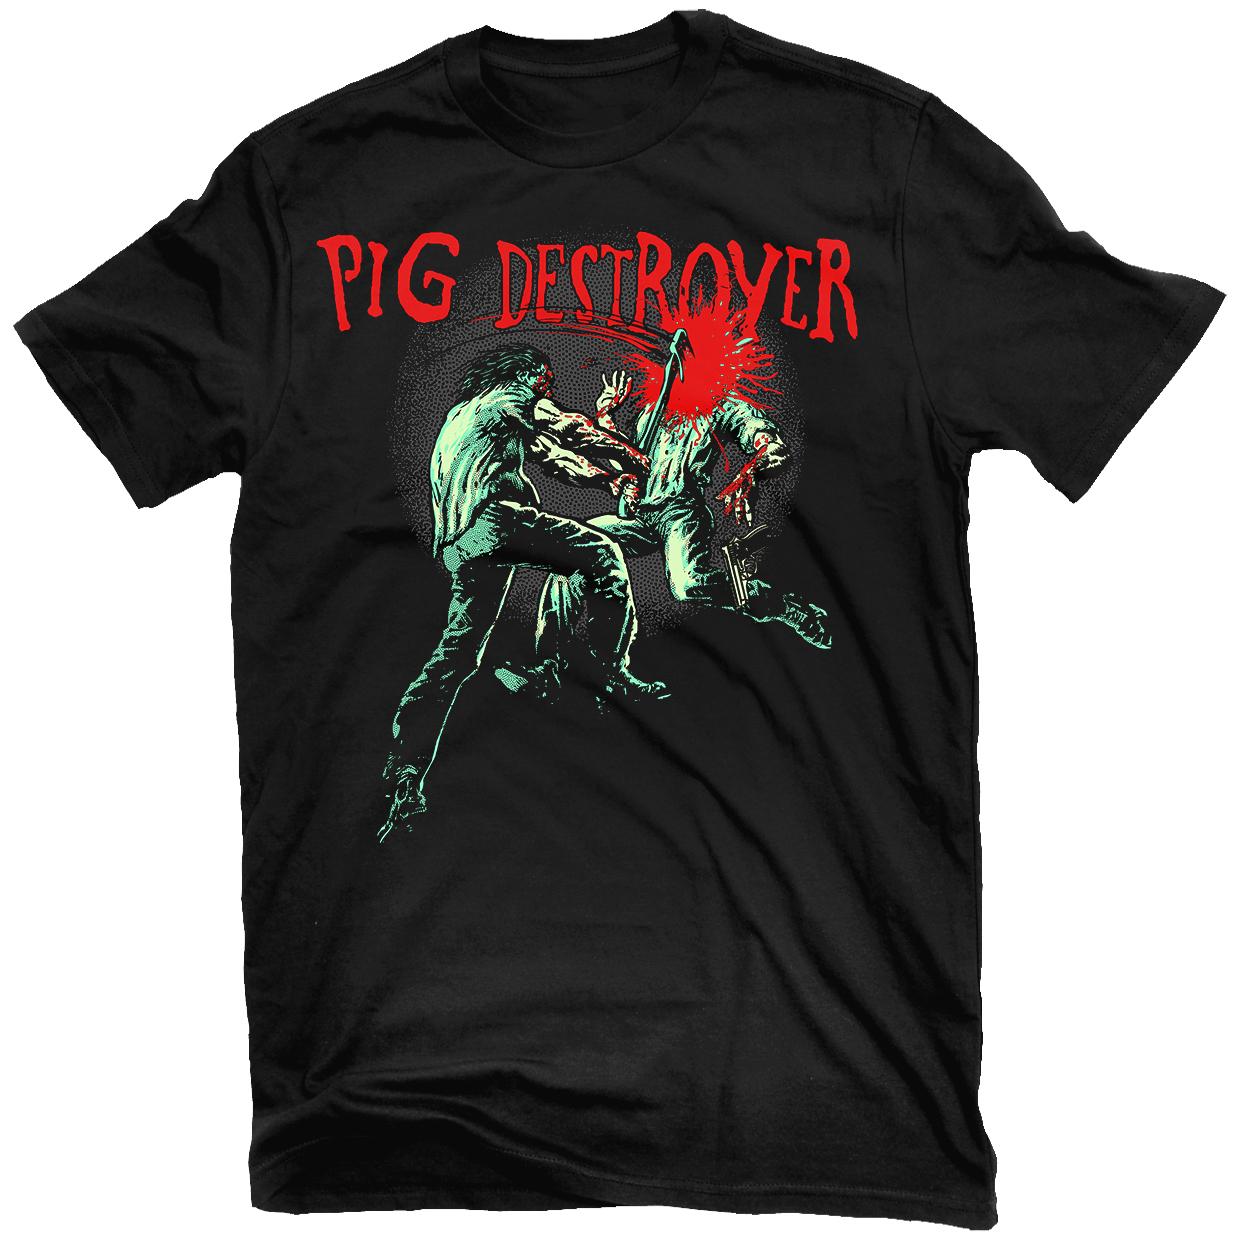 pig-destroyer-merch_07.jpg